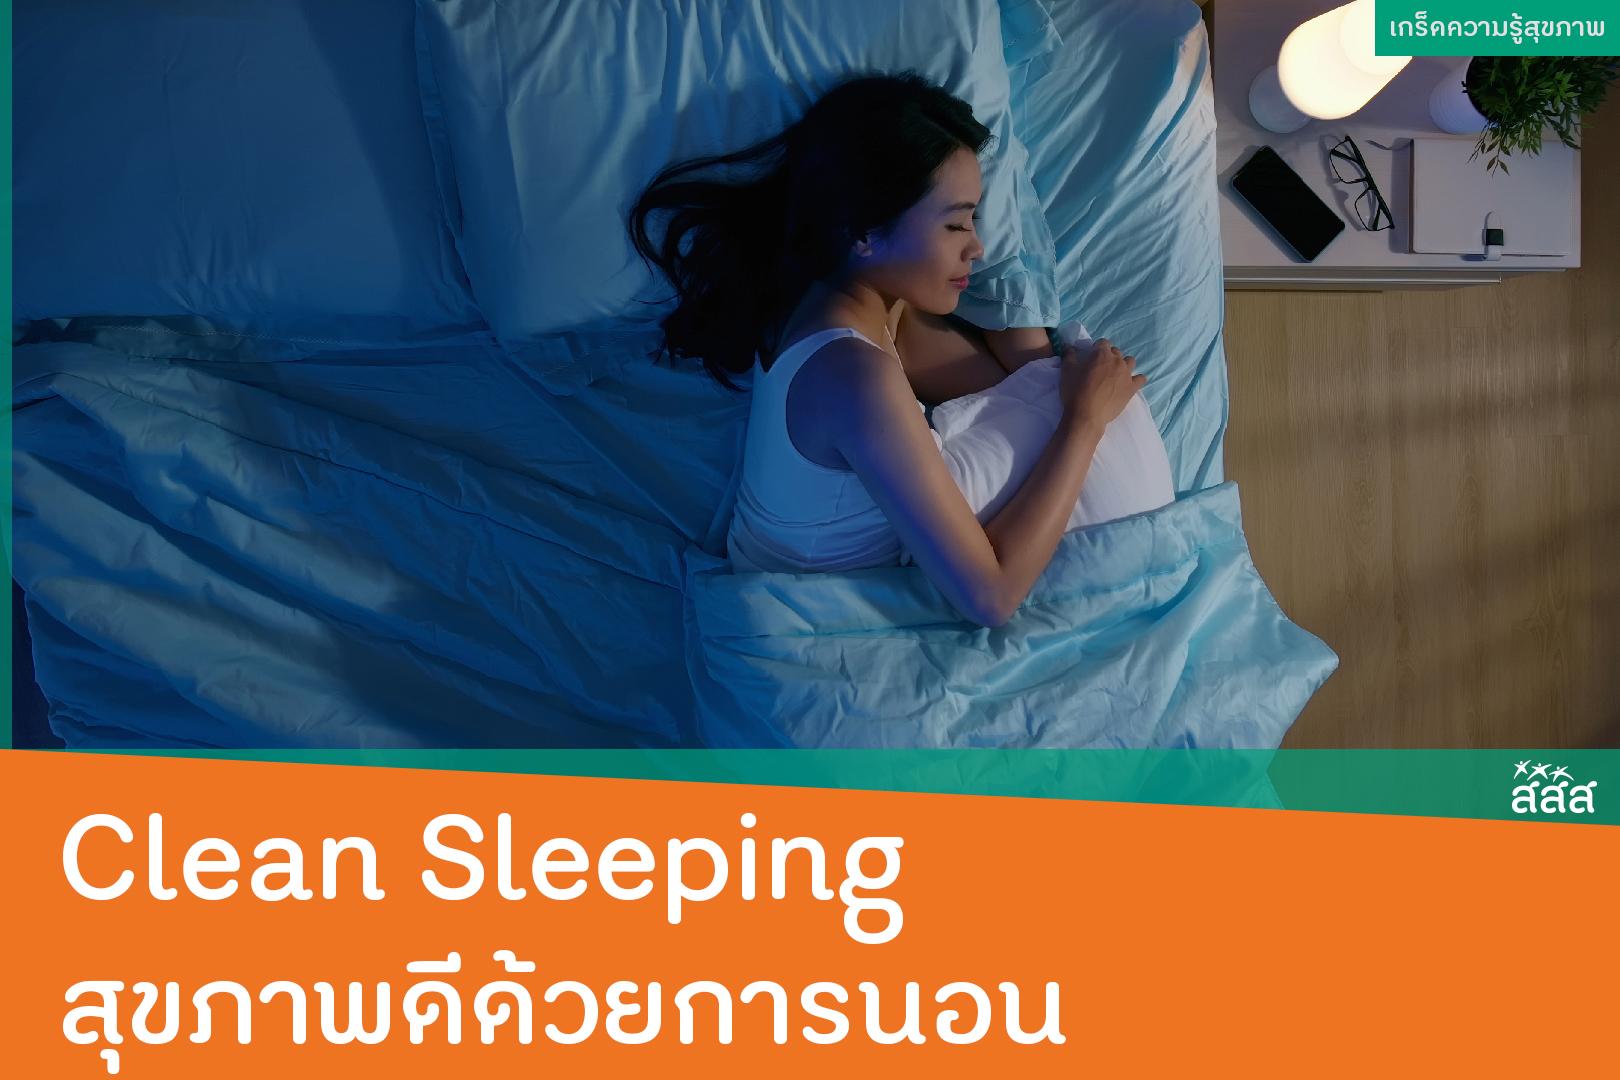 Clean Sleeping สุขภาพดีด้วยการนอน thaihealth